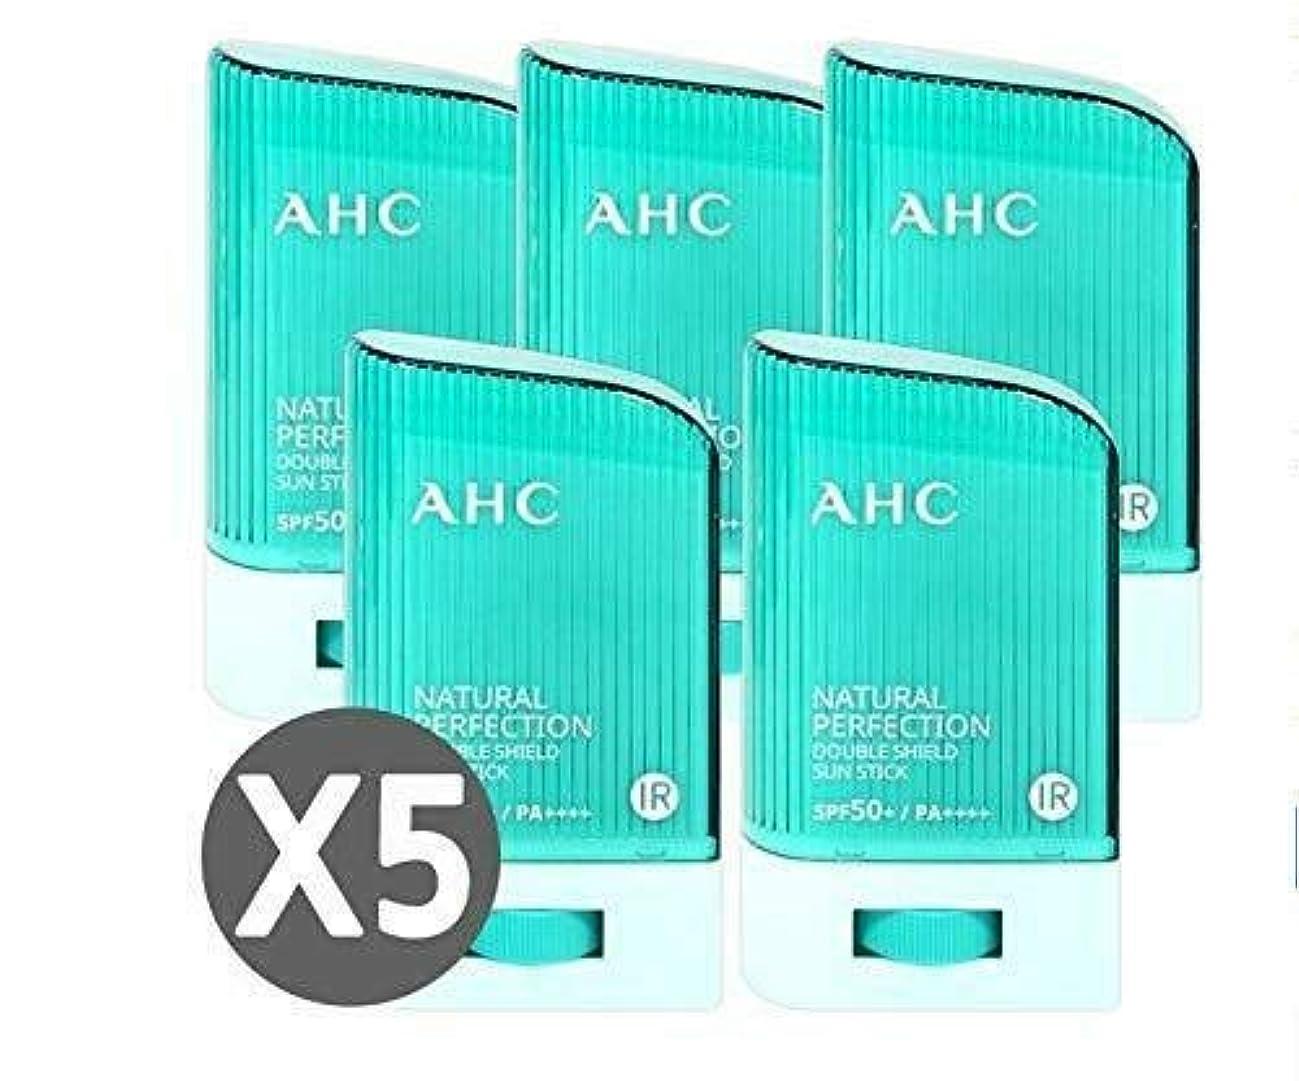 パトロン属するフレームワーク[ 5個セット ] AHC ナチュラルパーフェクションダブルシールドサンスティック 22g, Natural Perfection Double Shield Sun Stick SPF50+ PA++++